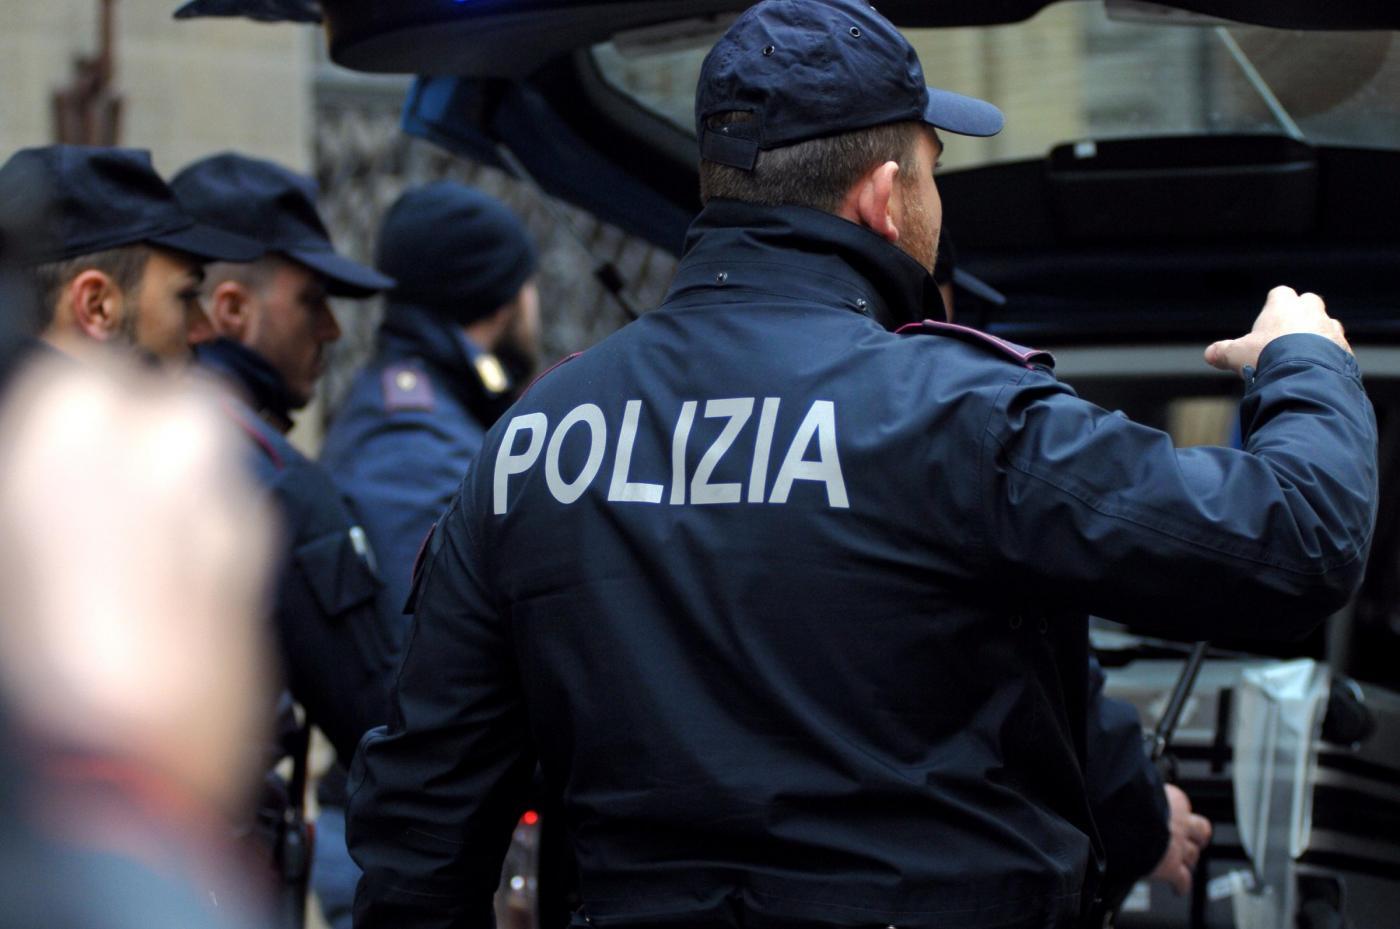 L'allarme bomba di oggi: a Taranto evacuato ufficio postale